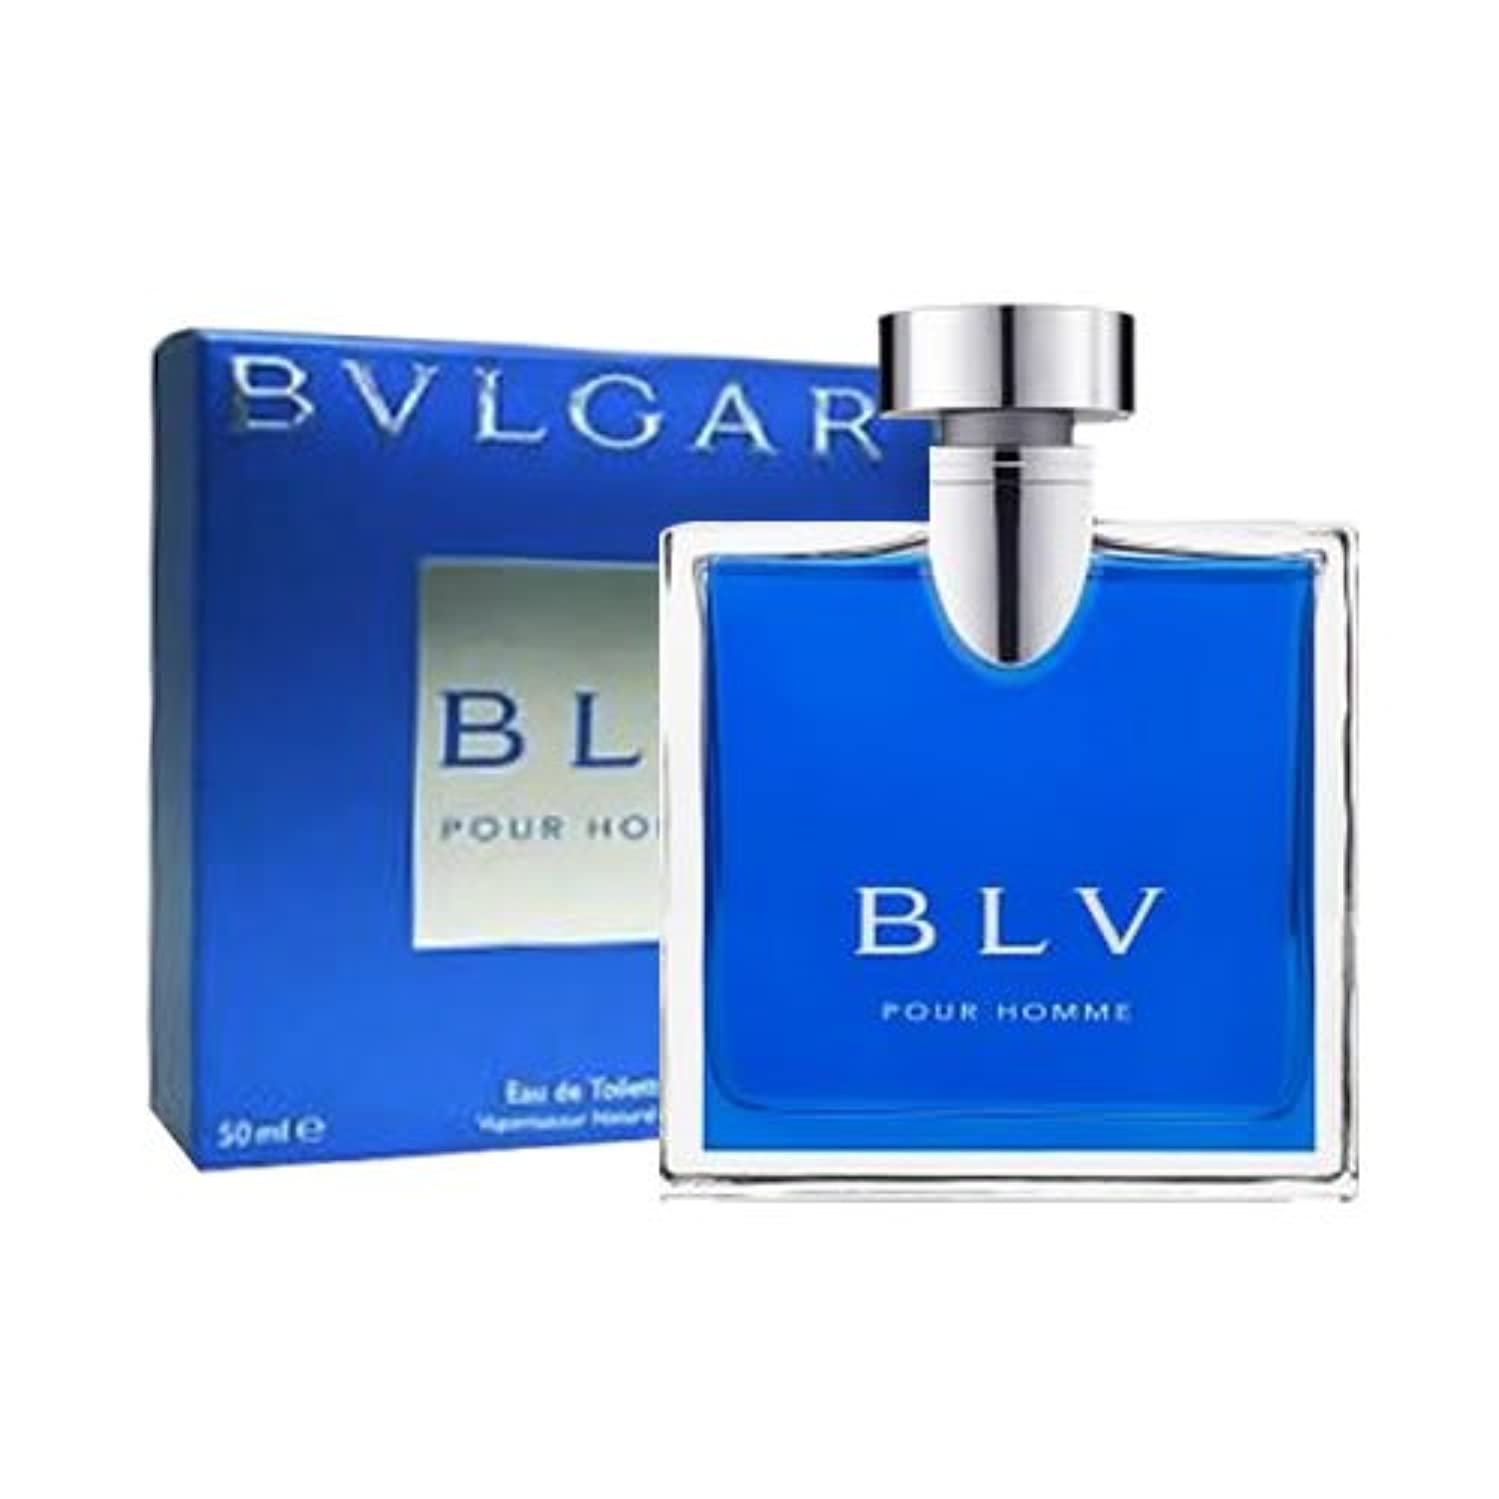 マラドロイト人質マニアックブルガリ BVLGARI ブルー プールオム EDT 50ml [並行輸入品]